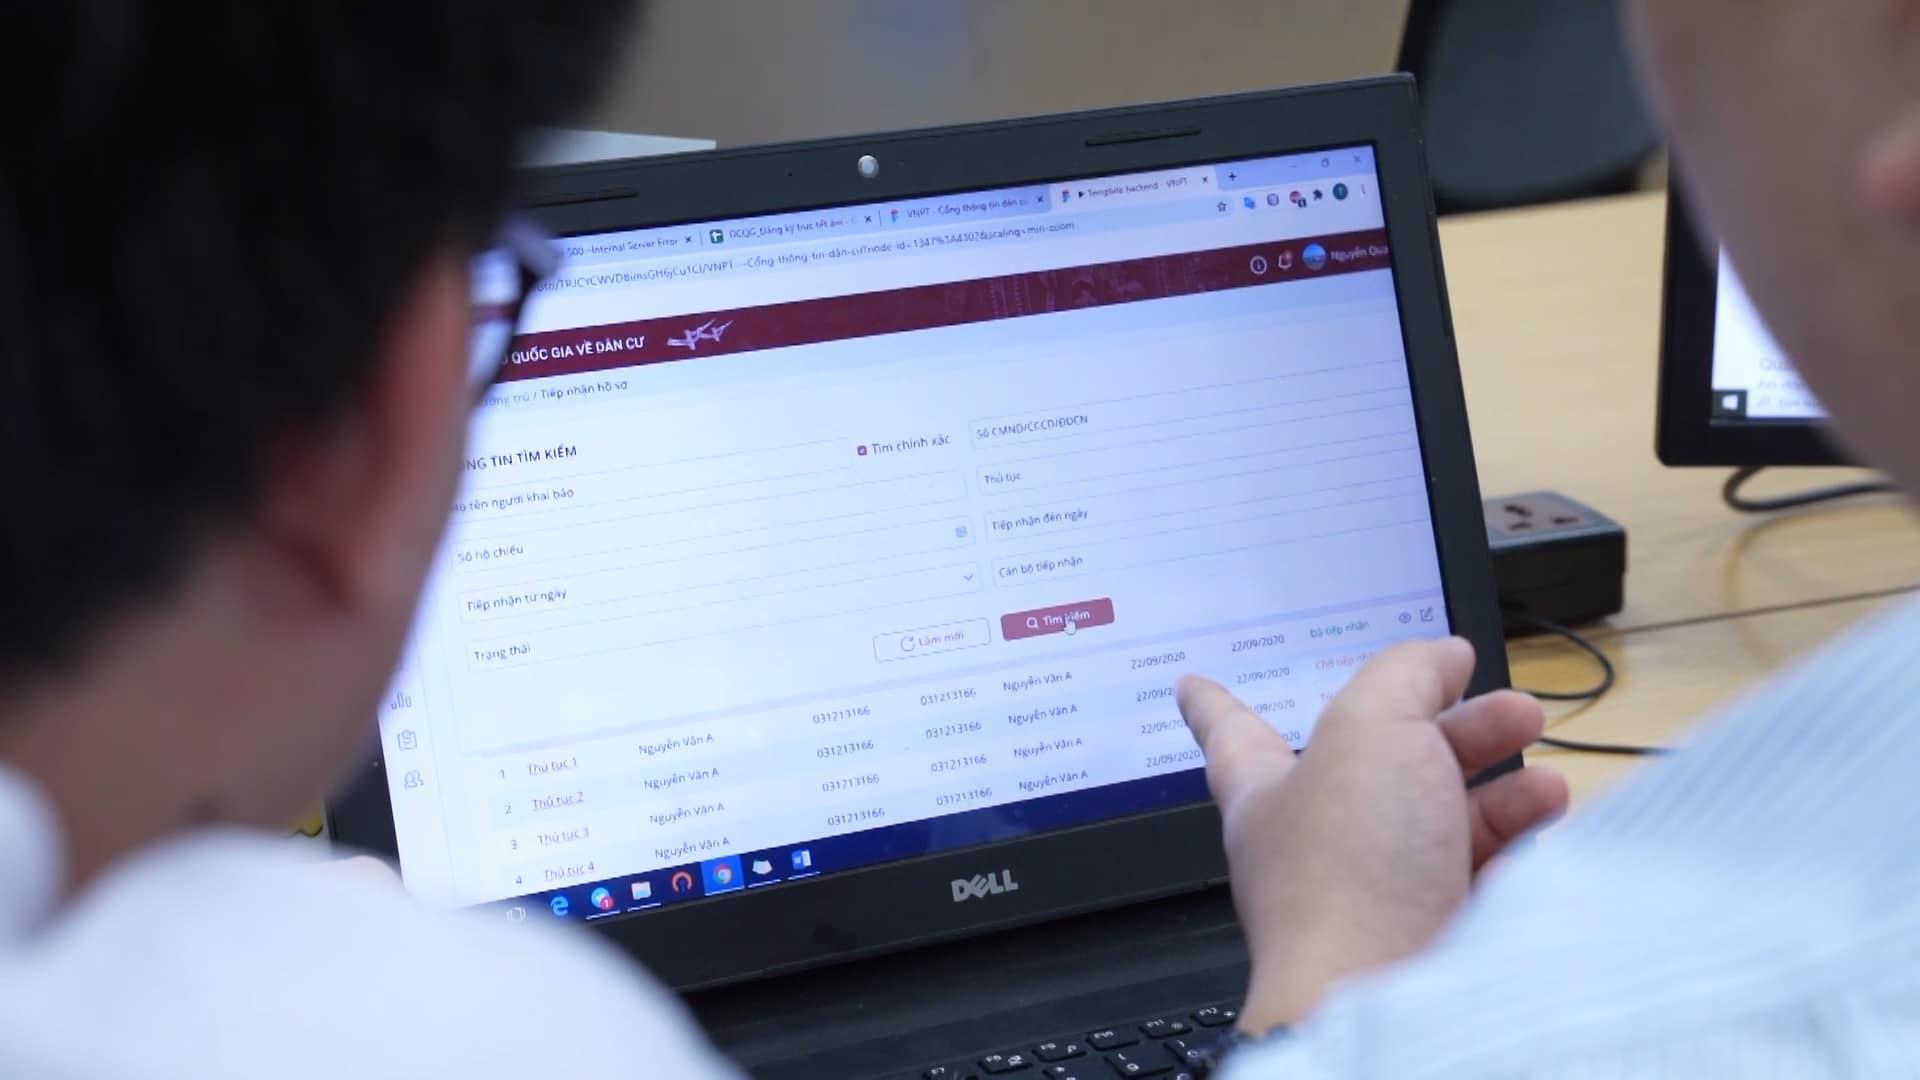 Hệ thống cơ sở dữ liệu quốc gia về dân cư là hệ thống nền tảng giúp thay đổi phương thức quản lý công dân